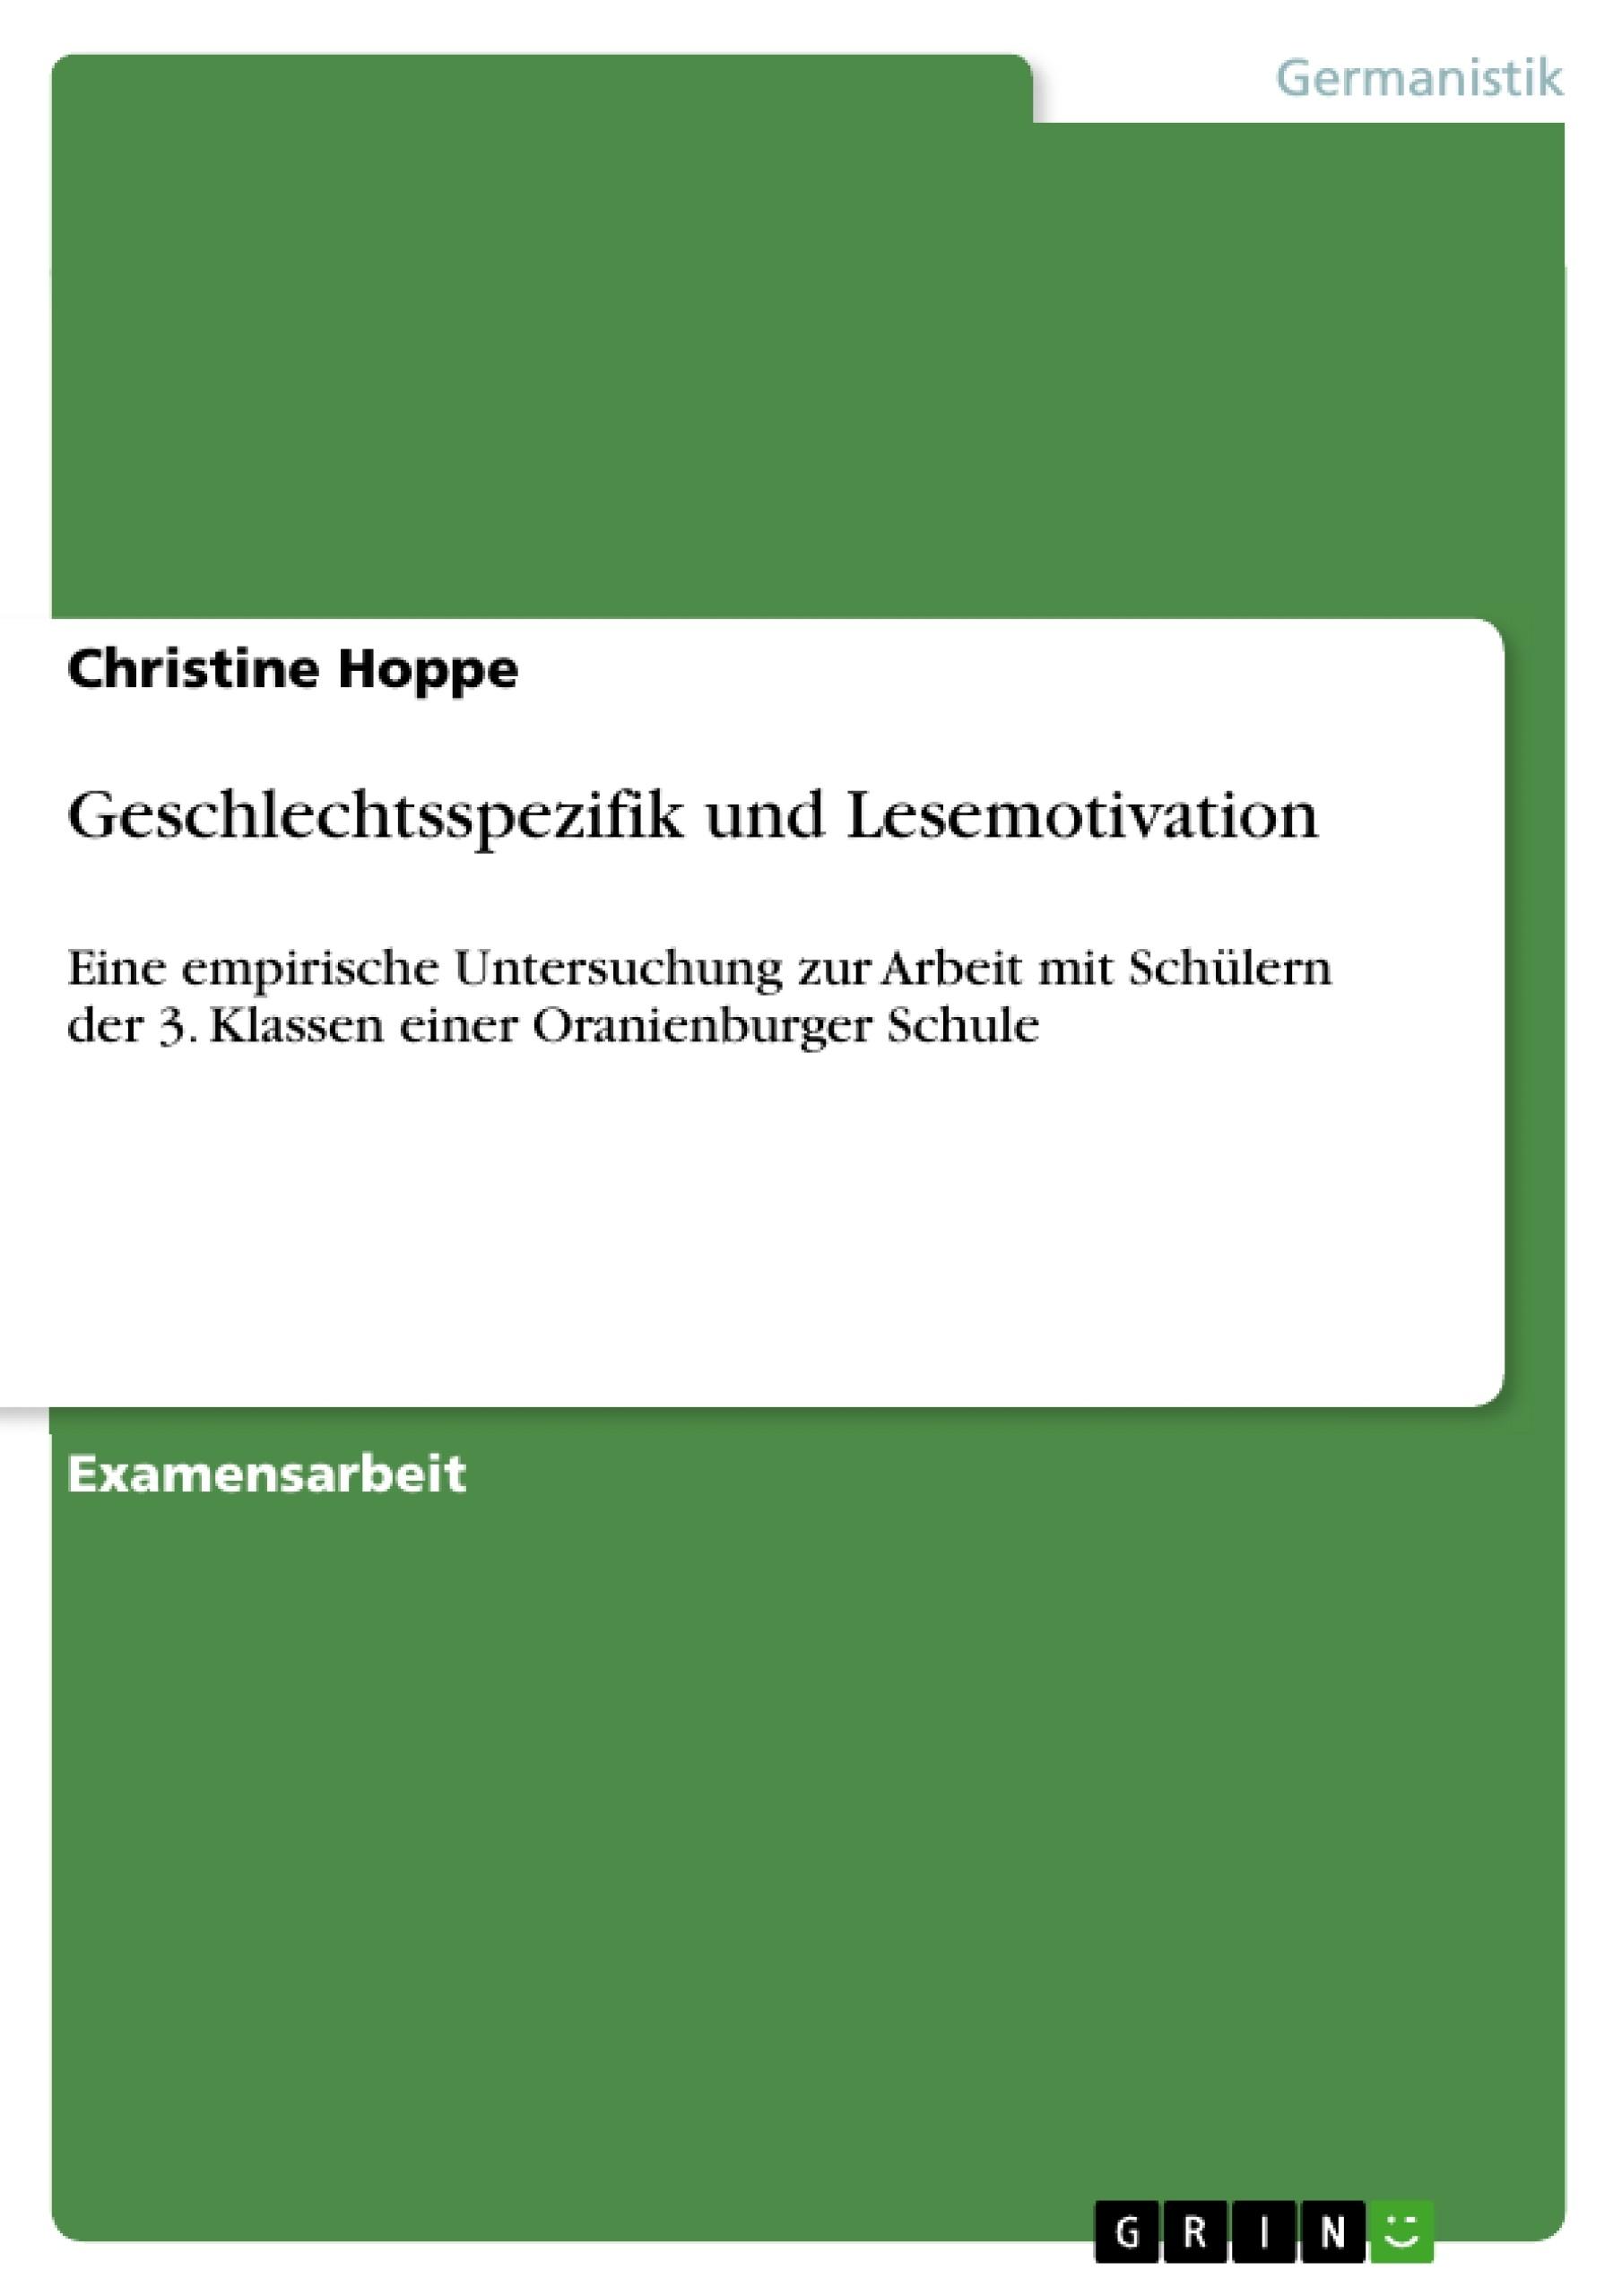 Titel: Geschlechtsspezifik und Lesemotivation